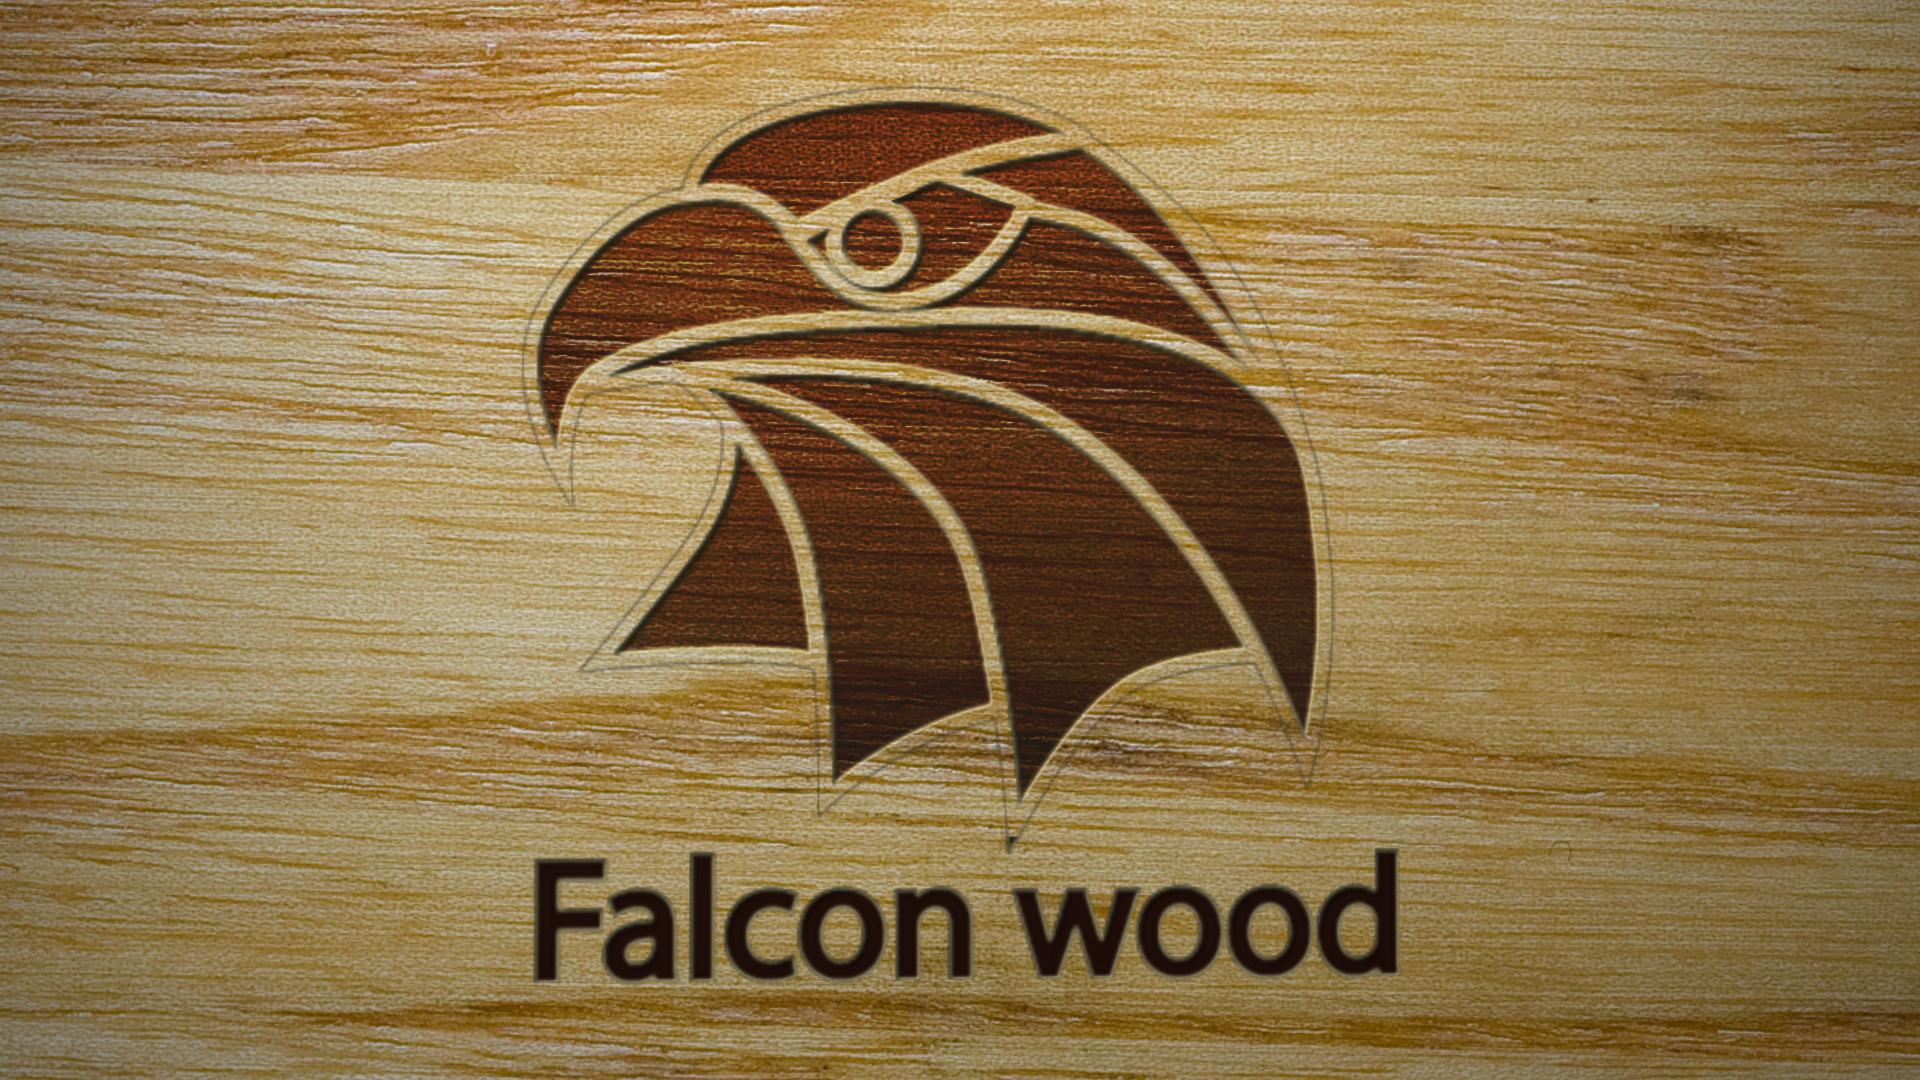 Дизайн логотипа столярной мастерской фото f_9765d03f1f8f1b5a.jpg